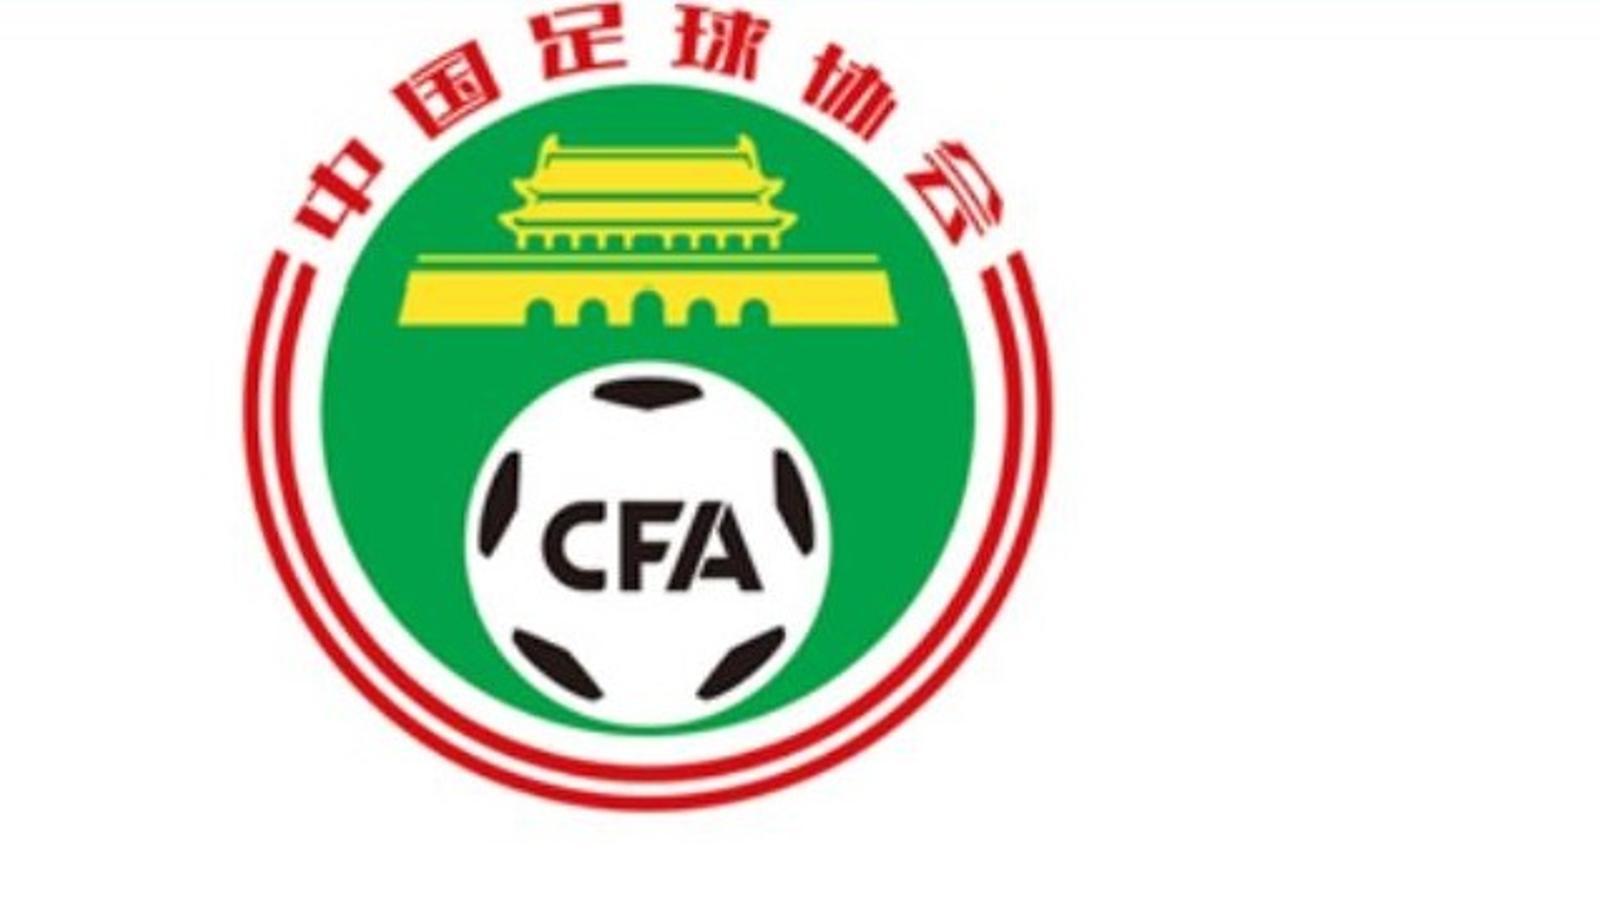 Comunicat de l'Associació Xinesa de Futbol